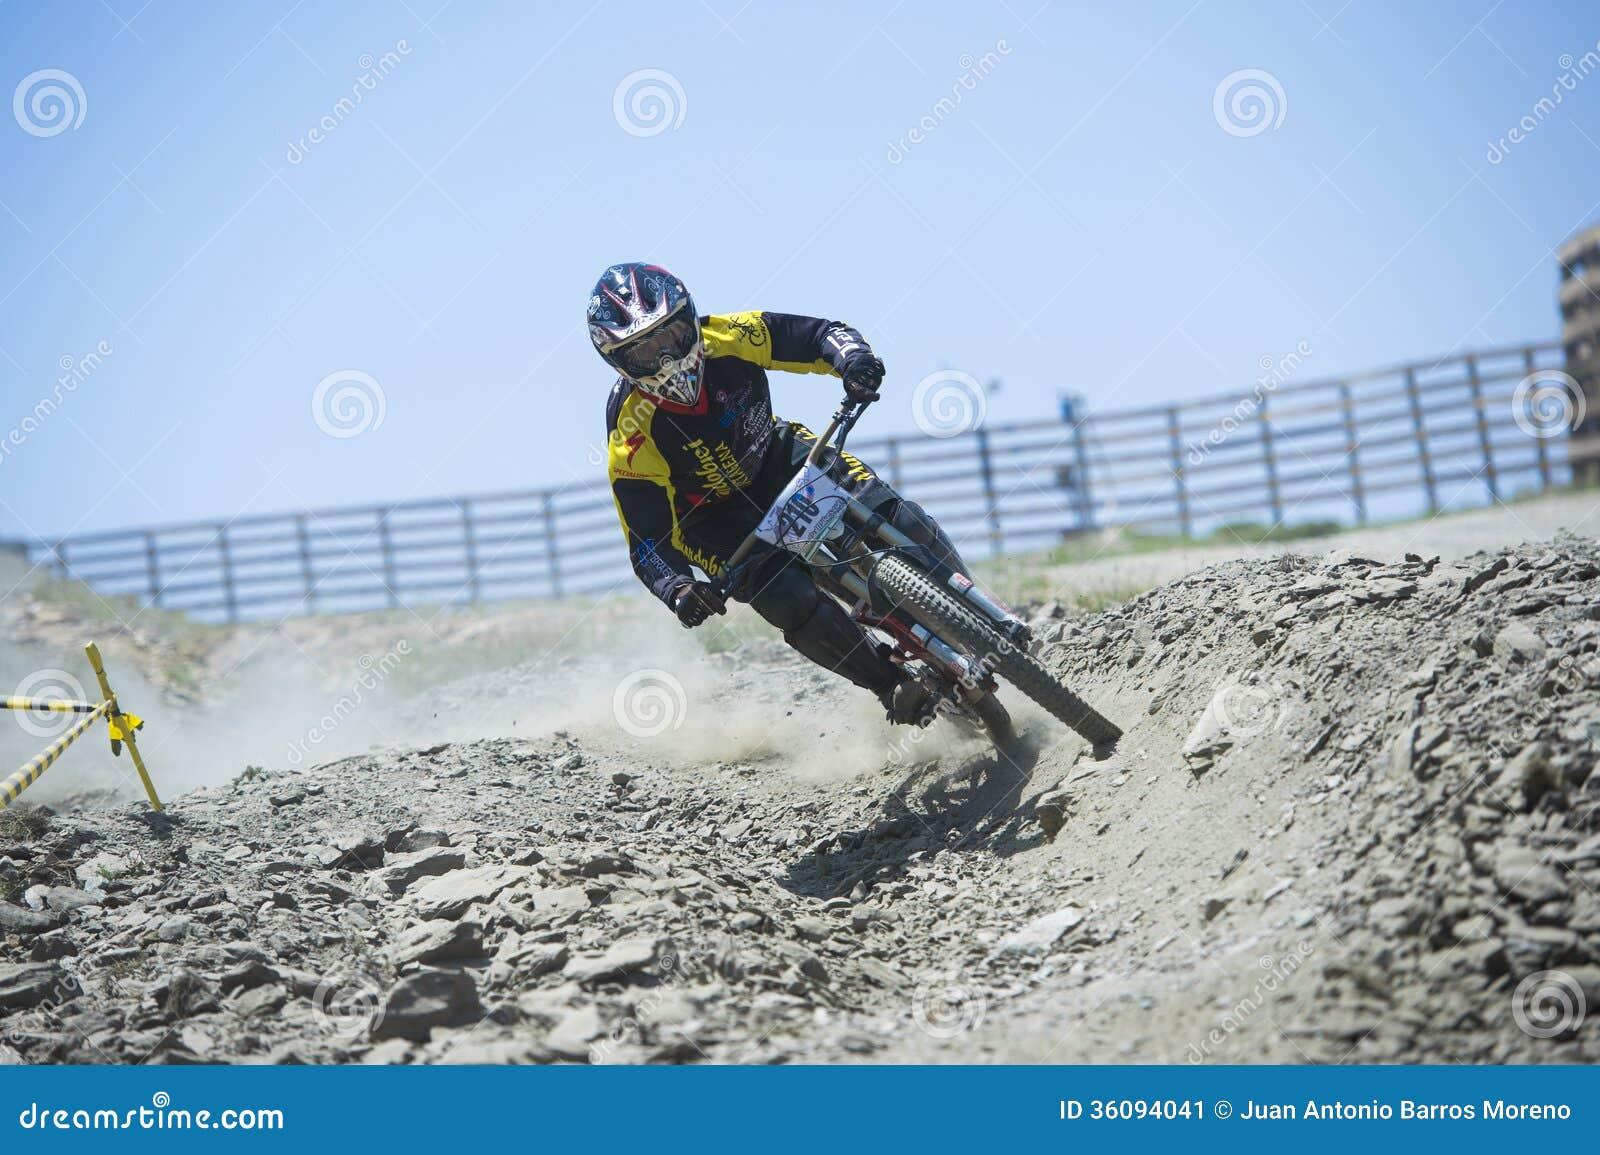 GRANADA, ESPANHA - 30 DE JUNHO: O piloto desconhecido na competição da bicicleta em declive Bull da montanha bikes AO 2013 do copo